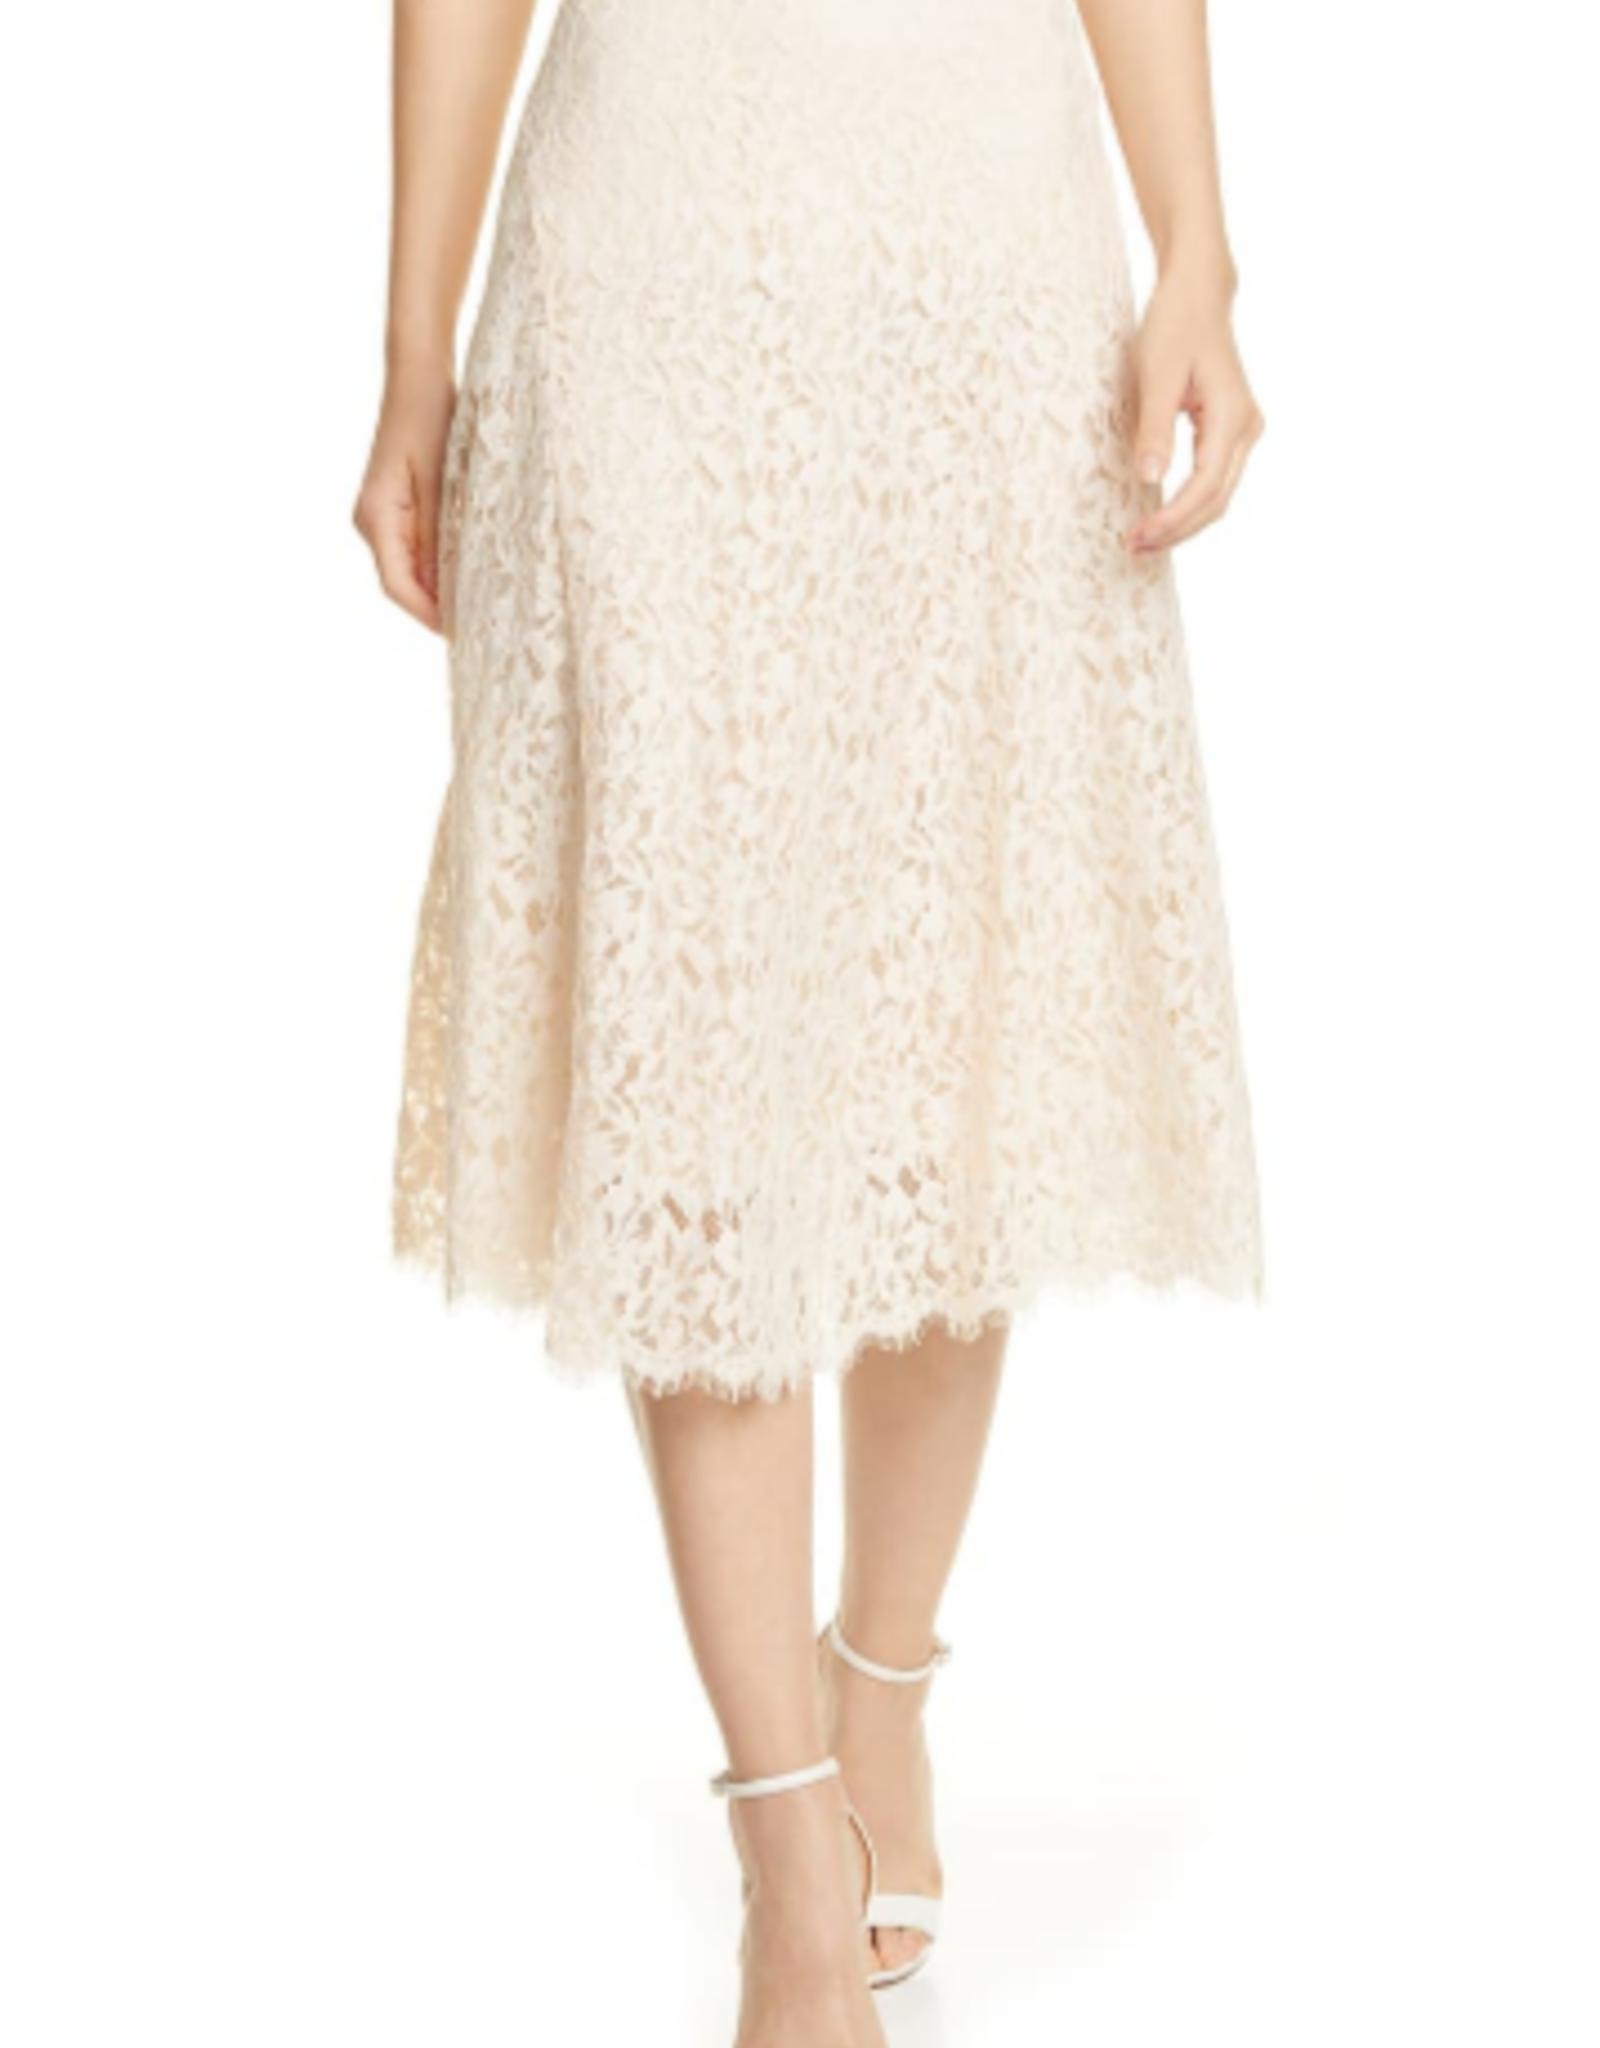 Lewit Lewit Lace Skirt